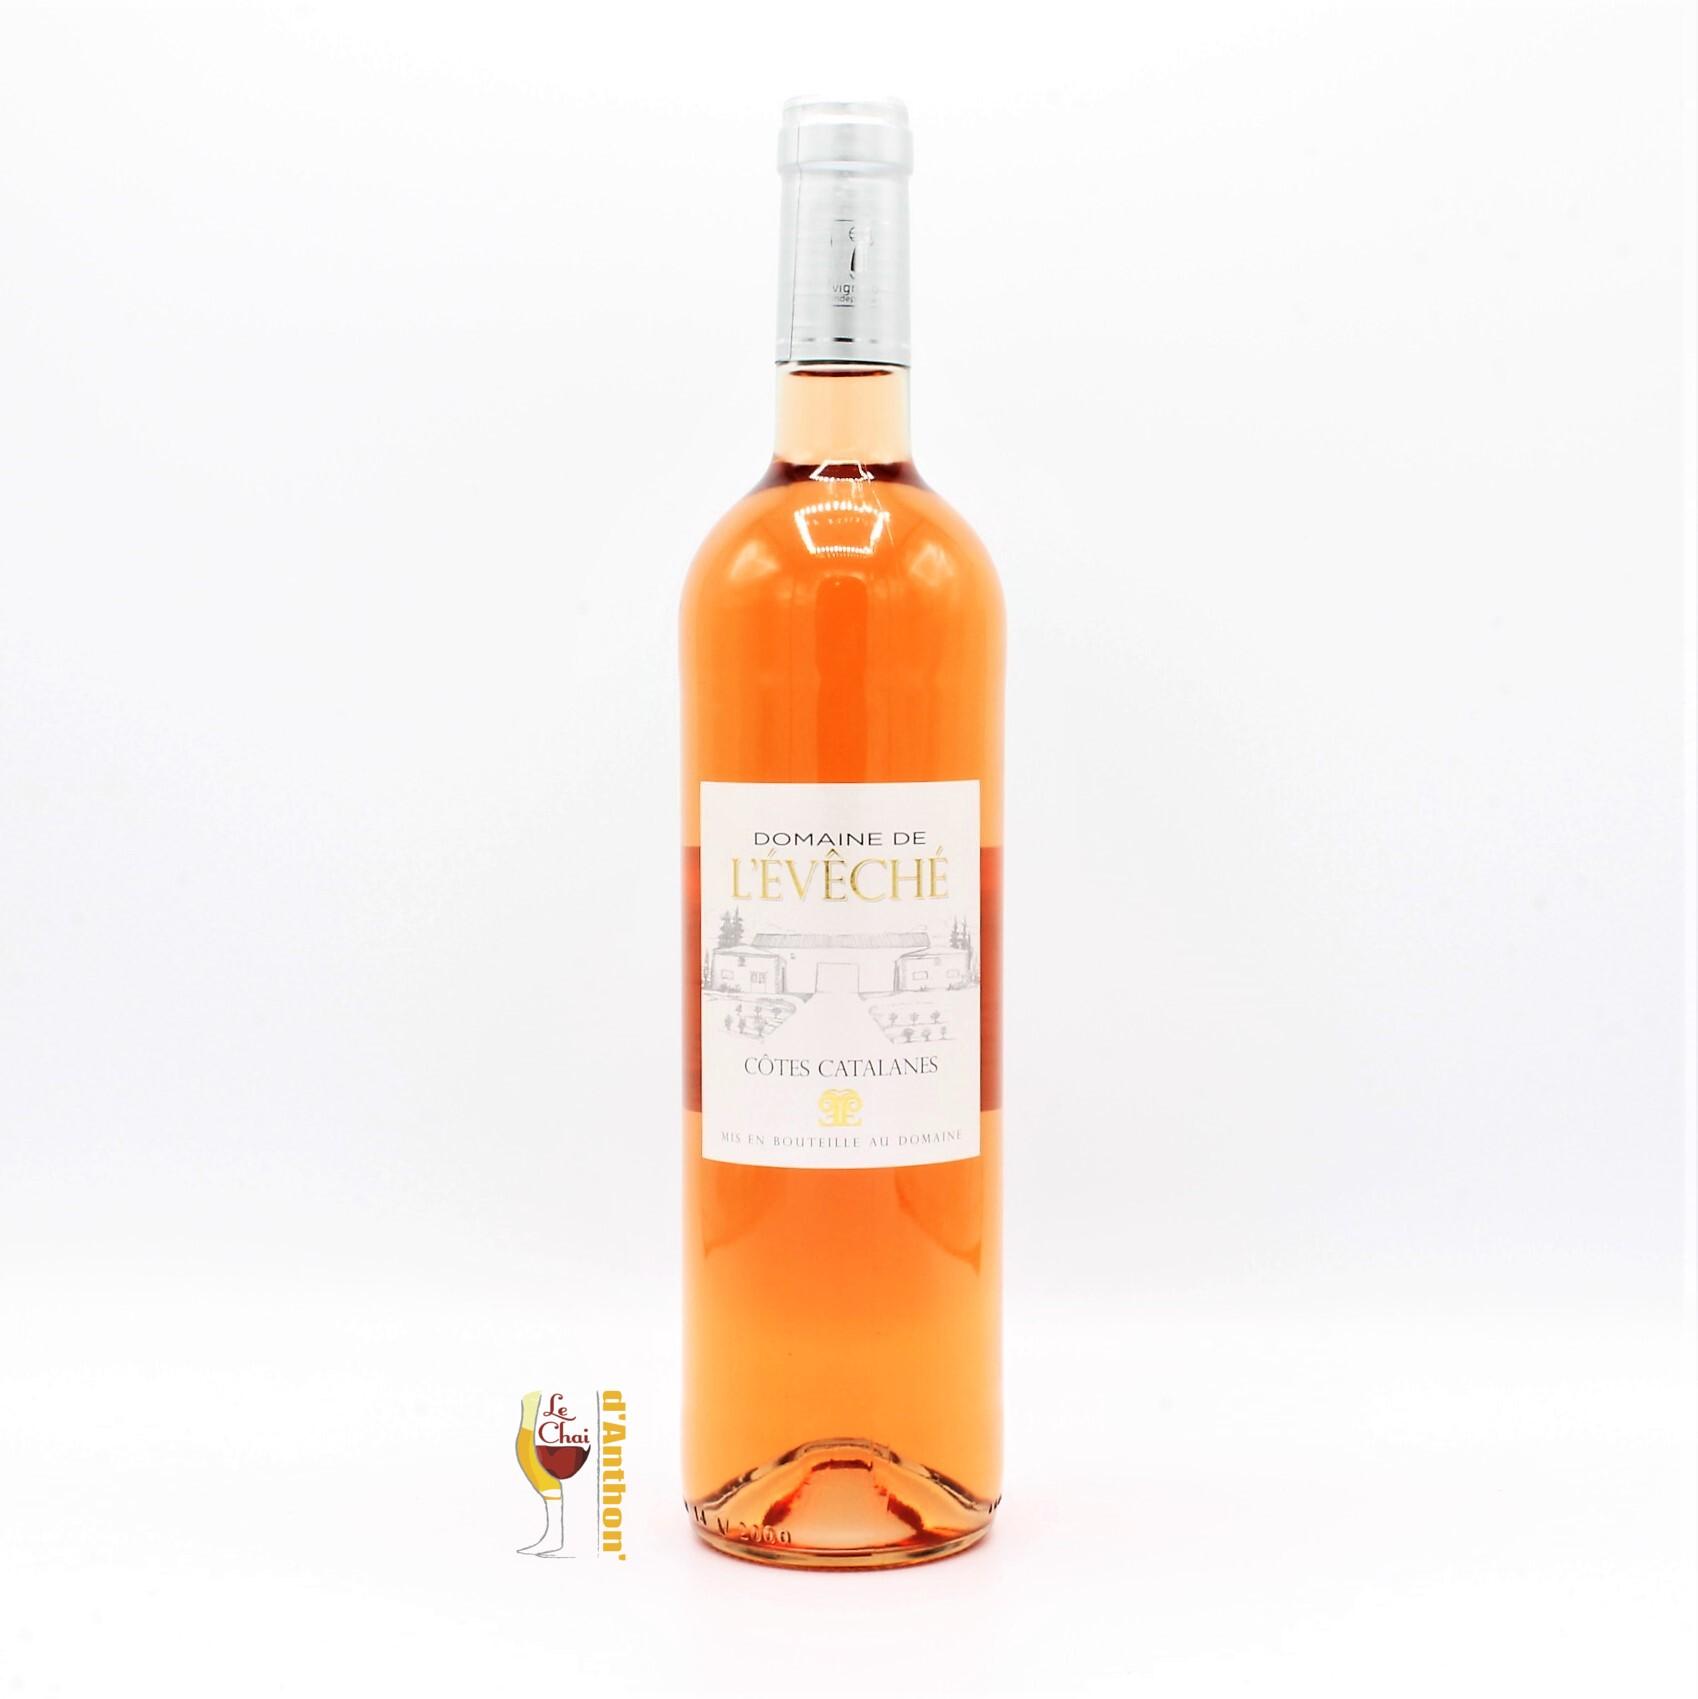 Le Chai D&711.JPG039;Anthon Vin Rose Bouteille Languedoc Cotes Catalanes De L Eveche 75cl 711